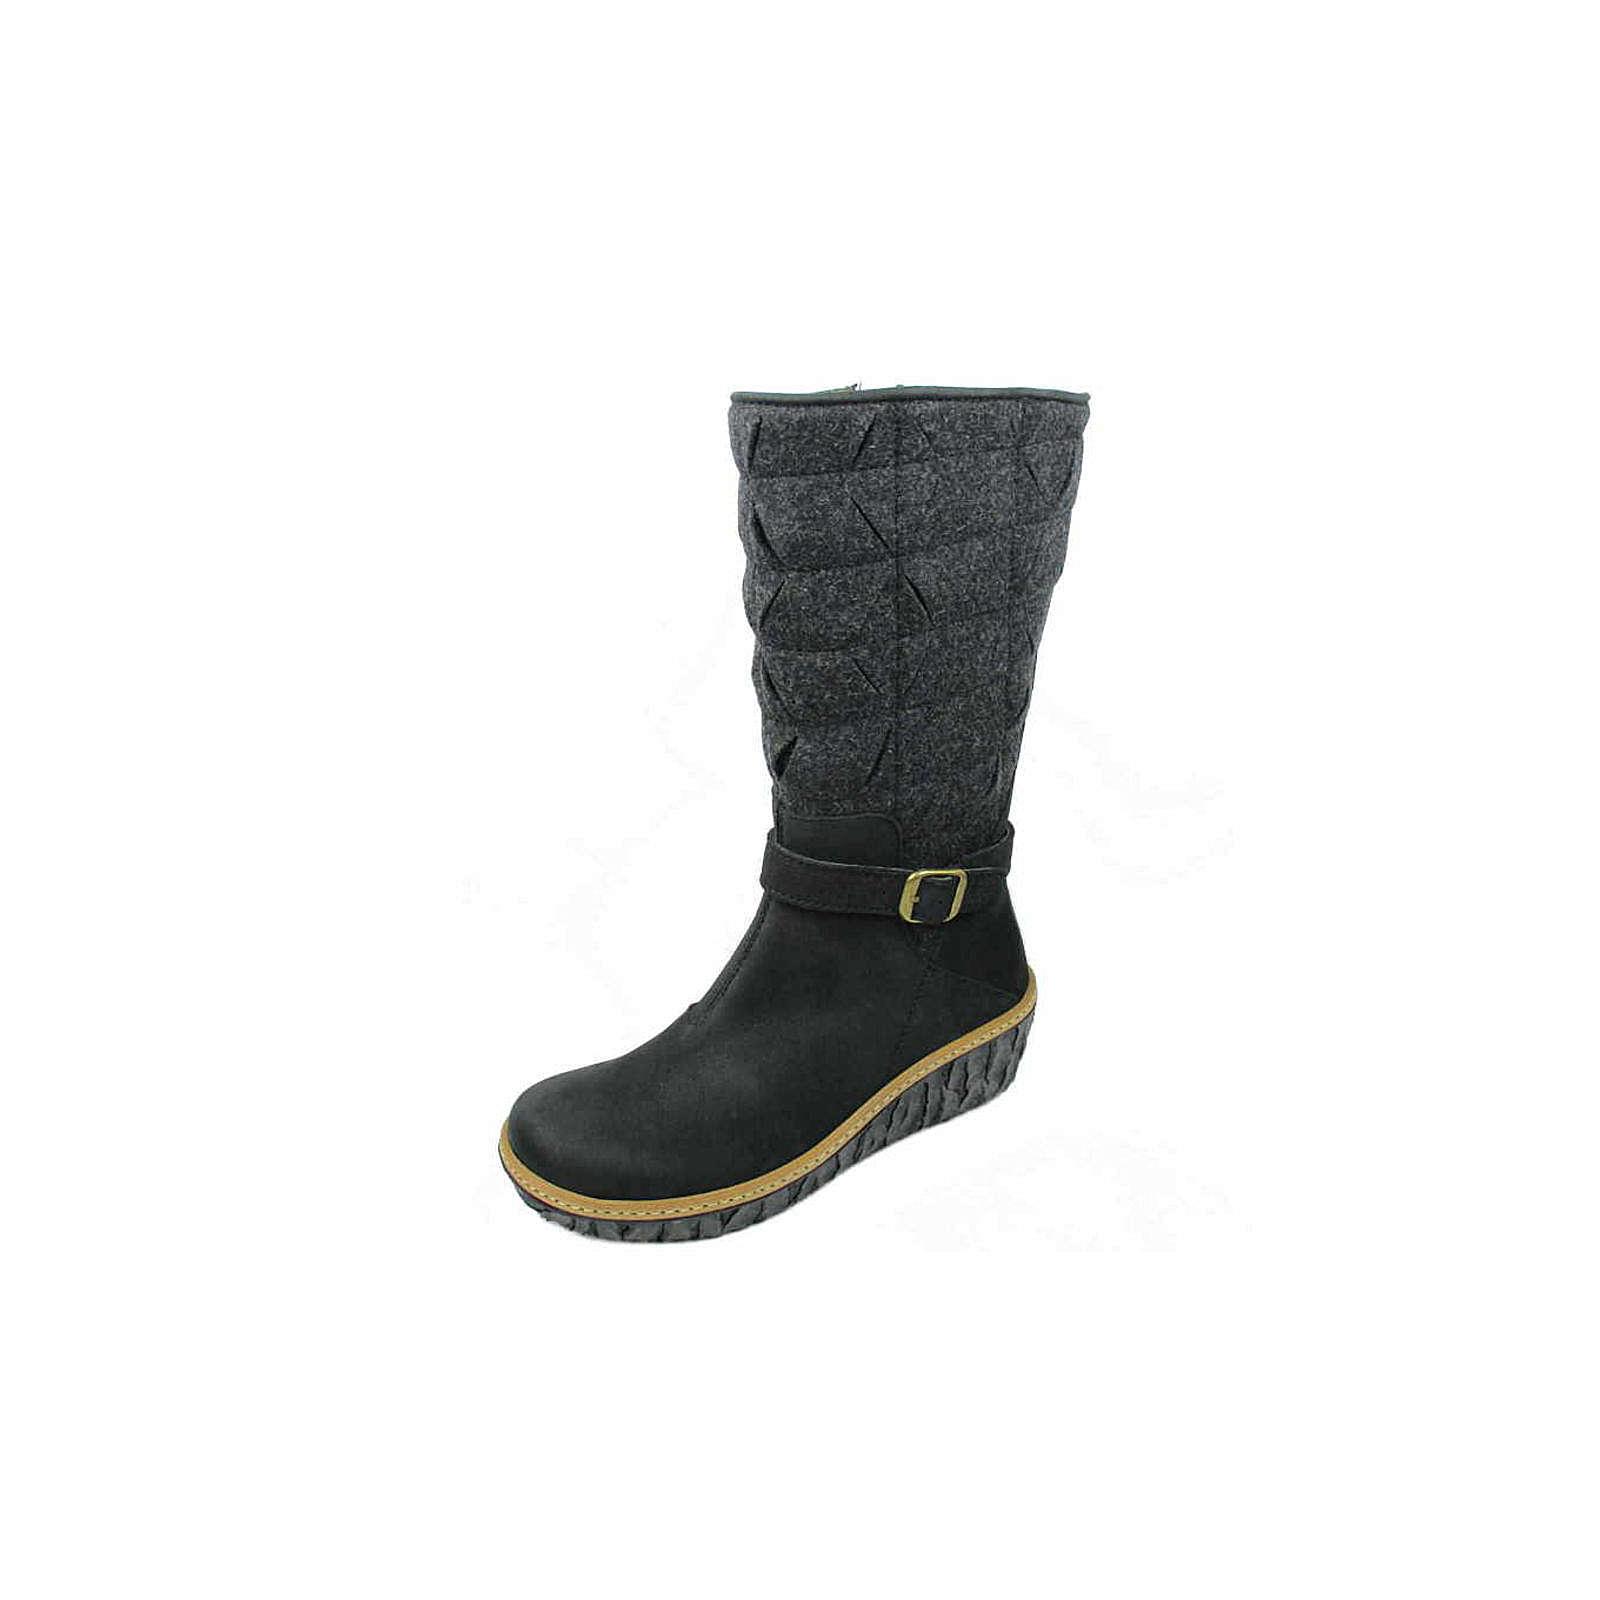 EL NATURALISTA Stiefel schwarz schwarz Damen Gr. 36